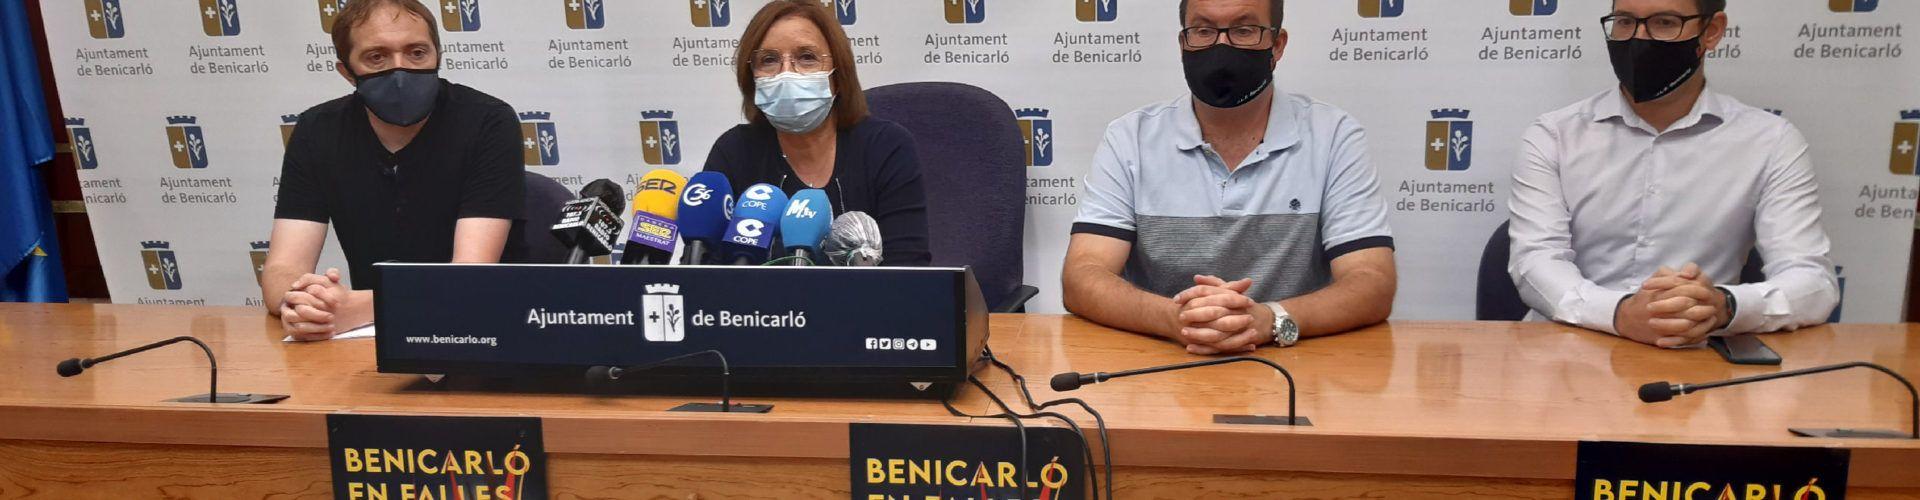 Ajuntament i Junta Local Fallera de Benicarló escenifiquen el suport total a les Falles 2021